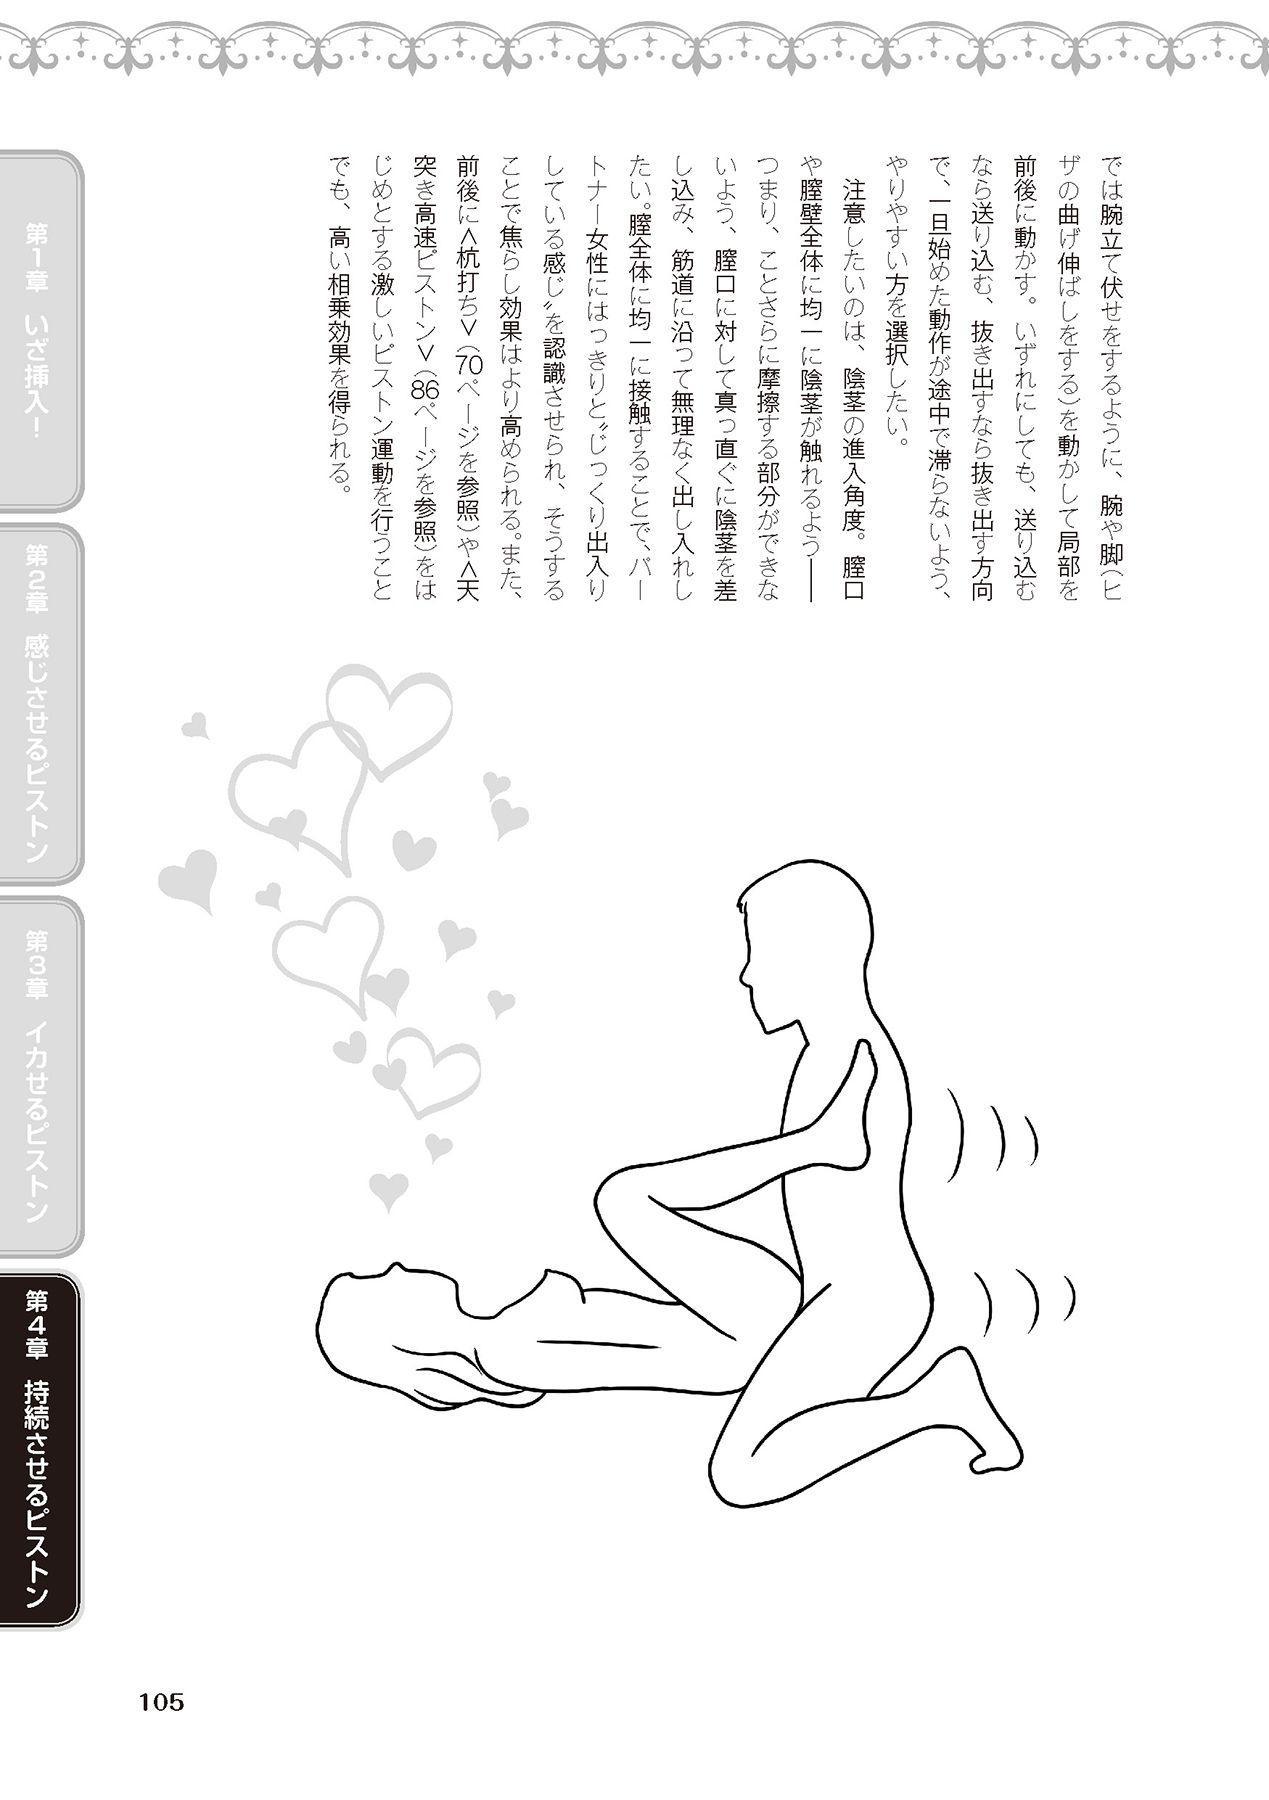 膣挿入&ピストン運動完全マニュアル イラスト版……ピスとんッ! 106